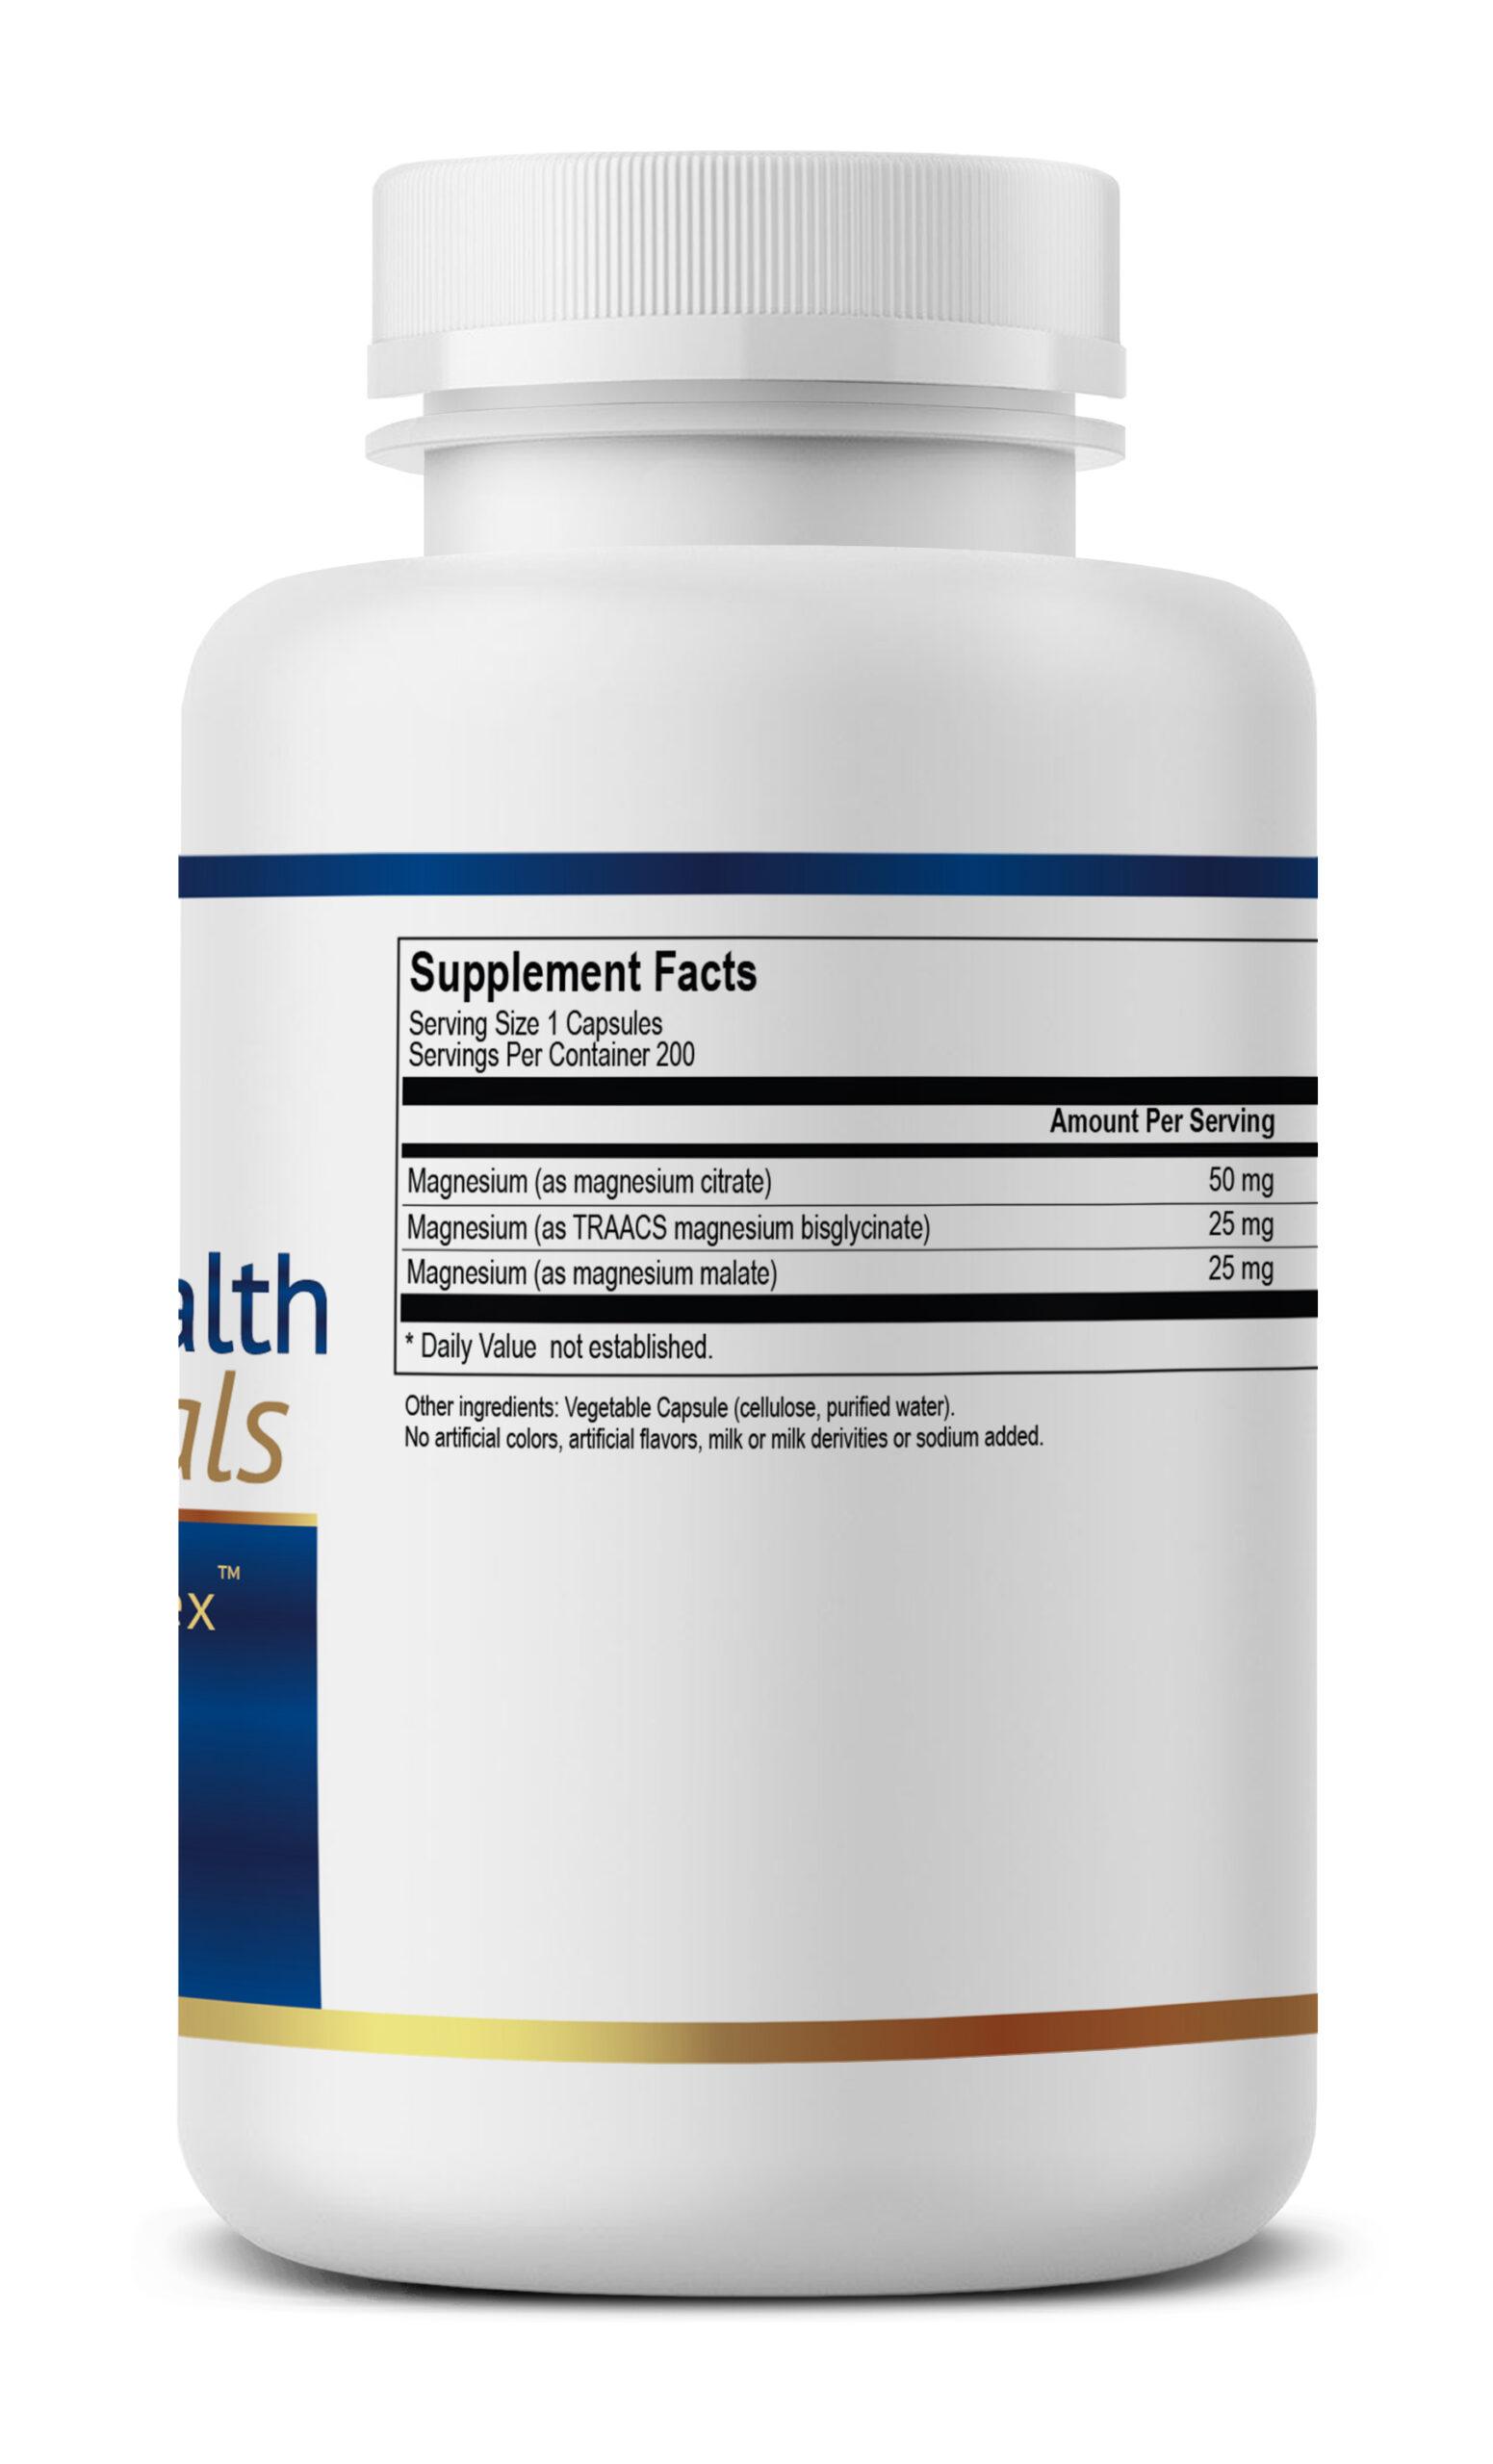 True Magnesium Complex Supplement facts